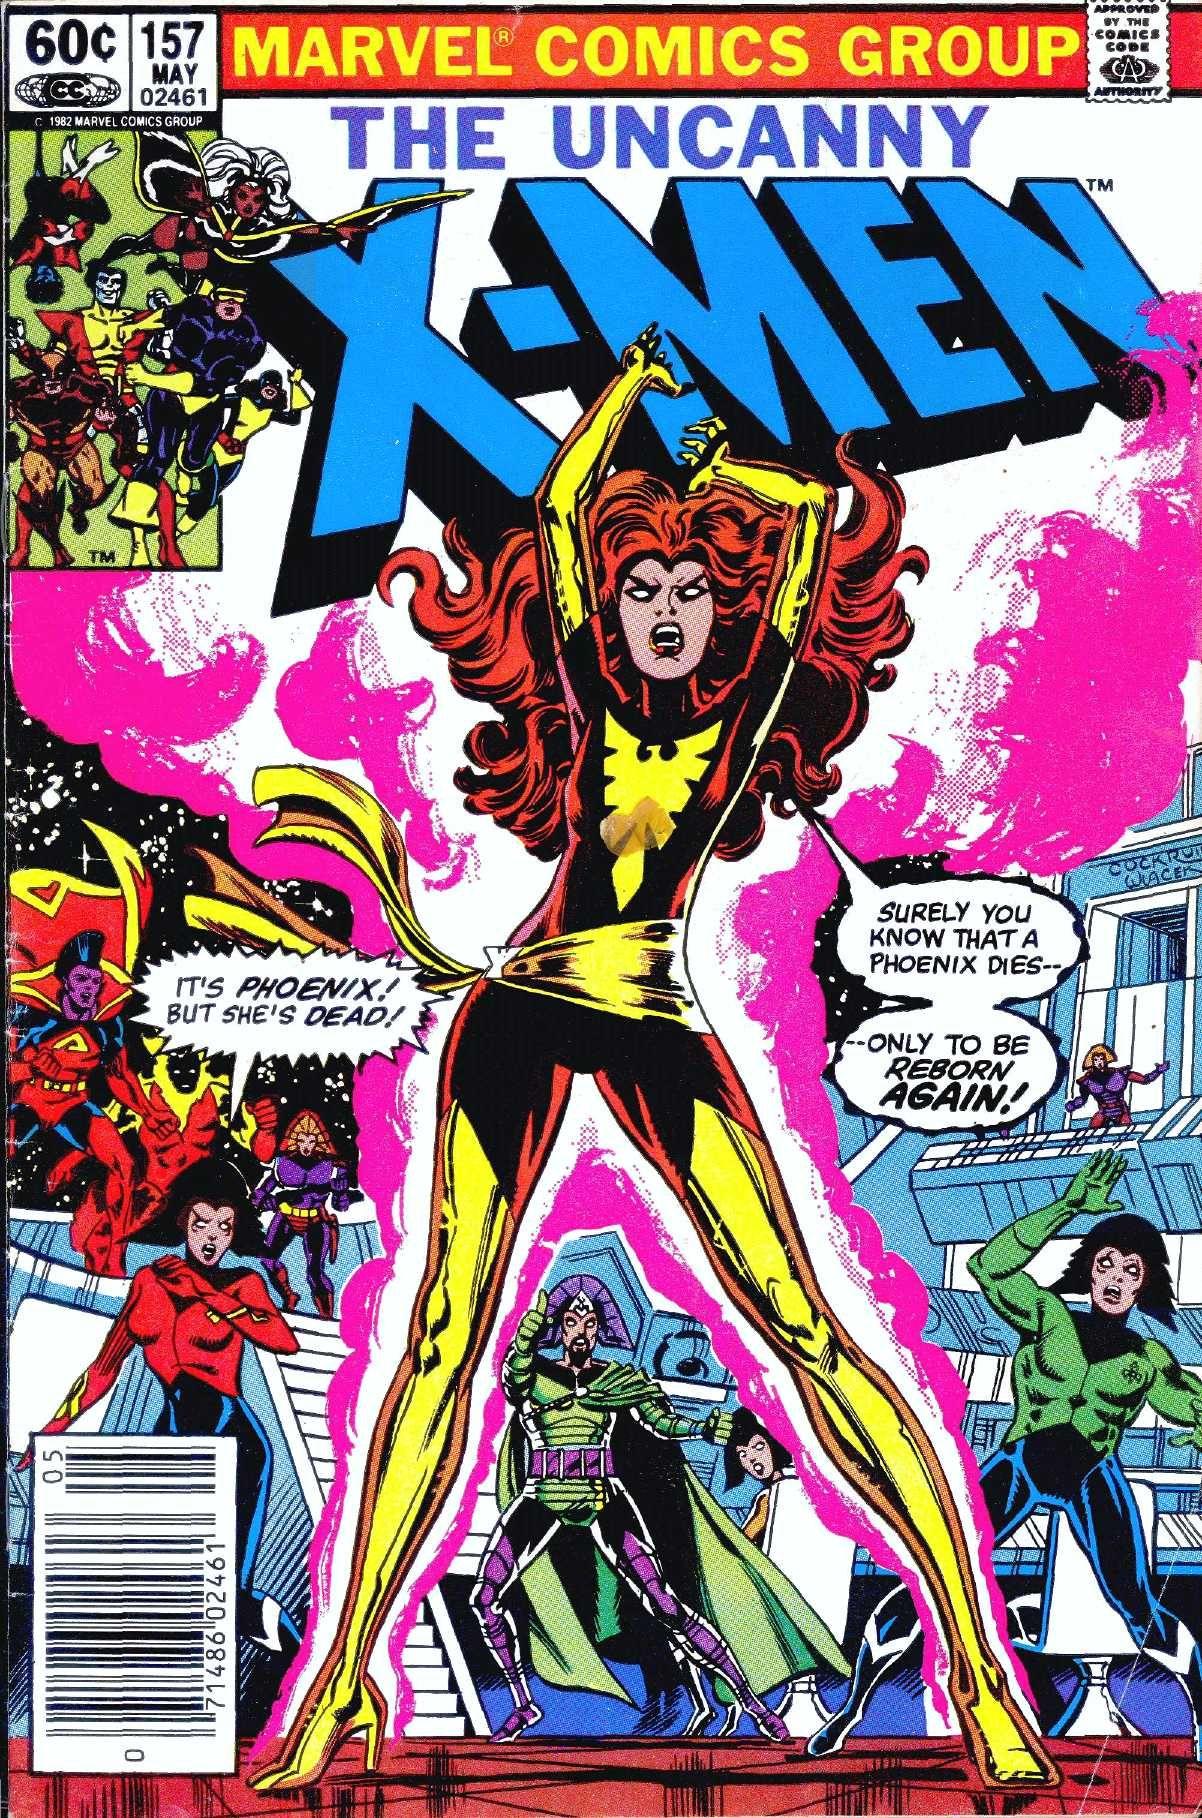 Back To Title Selection Comics U Uncanny X Men Vol 1 Continues From X Men Vol 1 141 Marvel Comics Vintage Marvel Comics Covers Marvel Comic Books